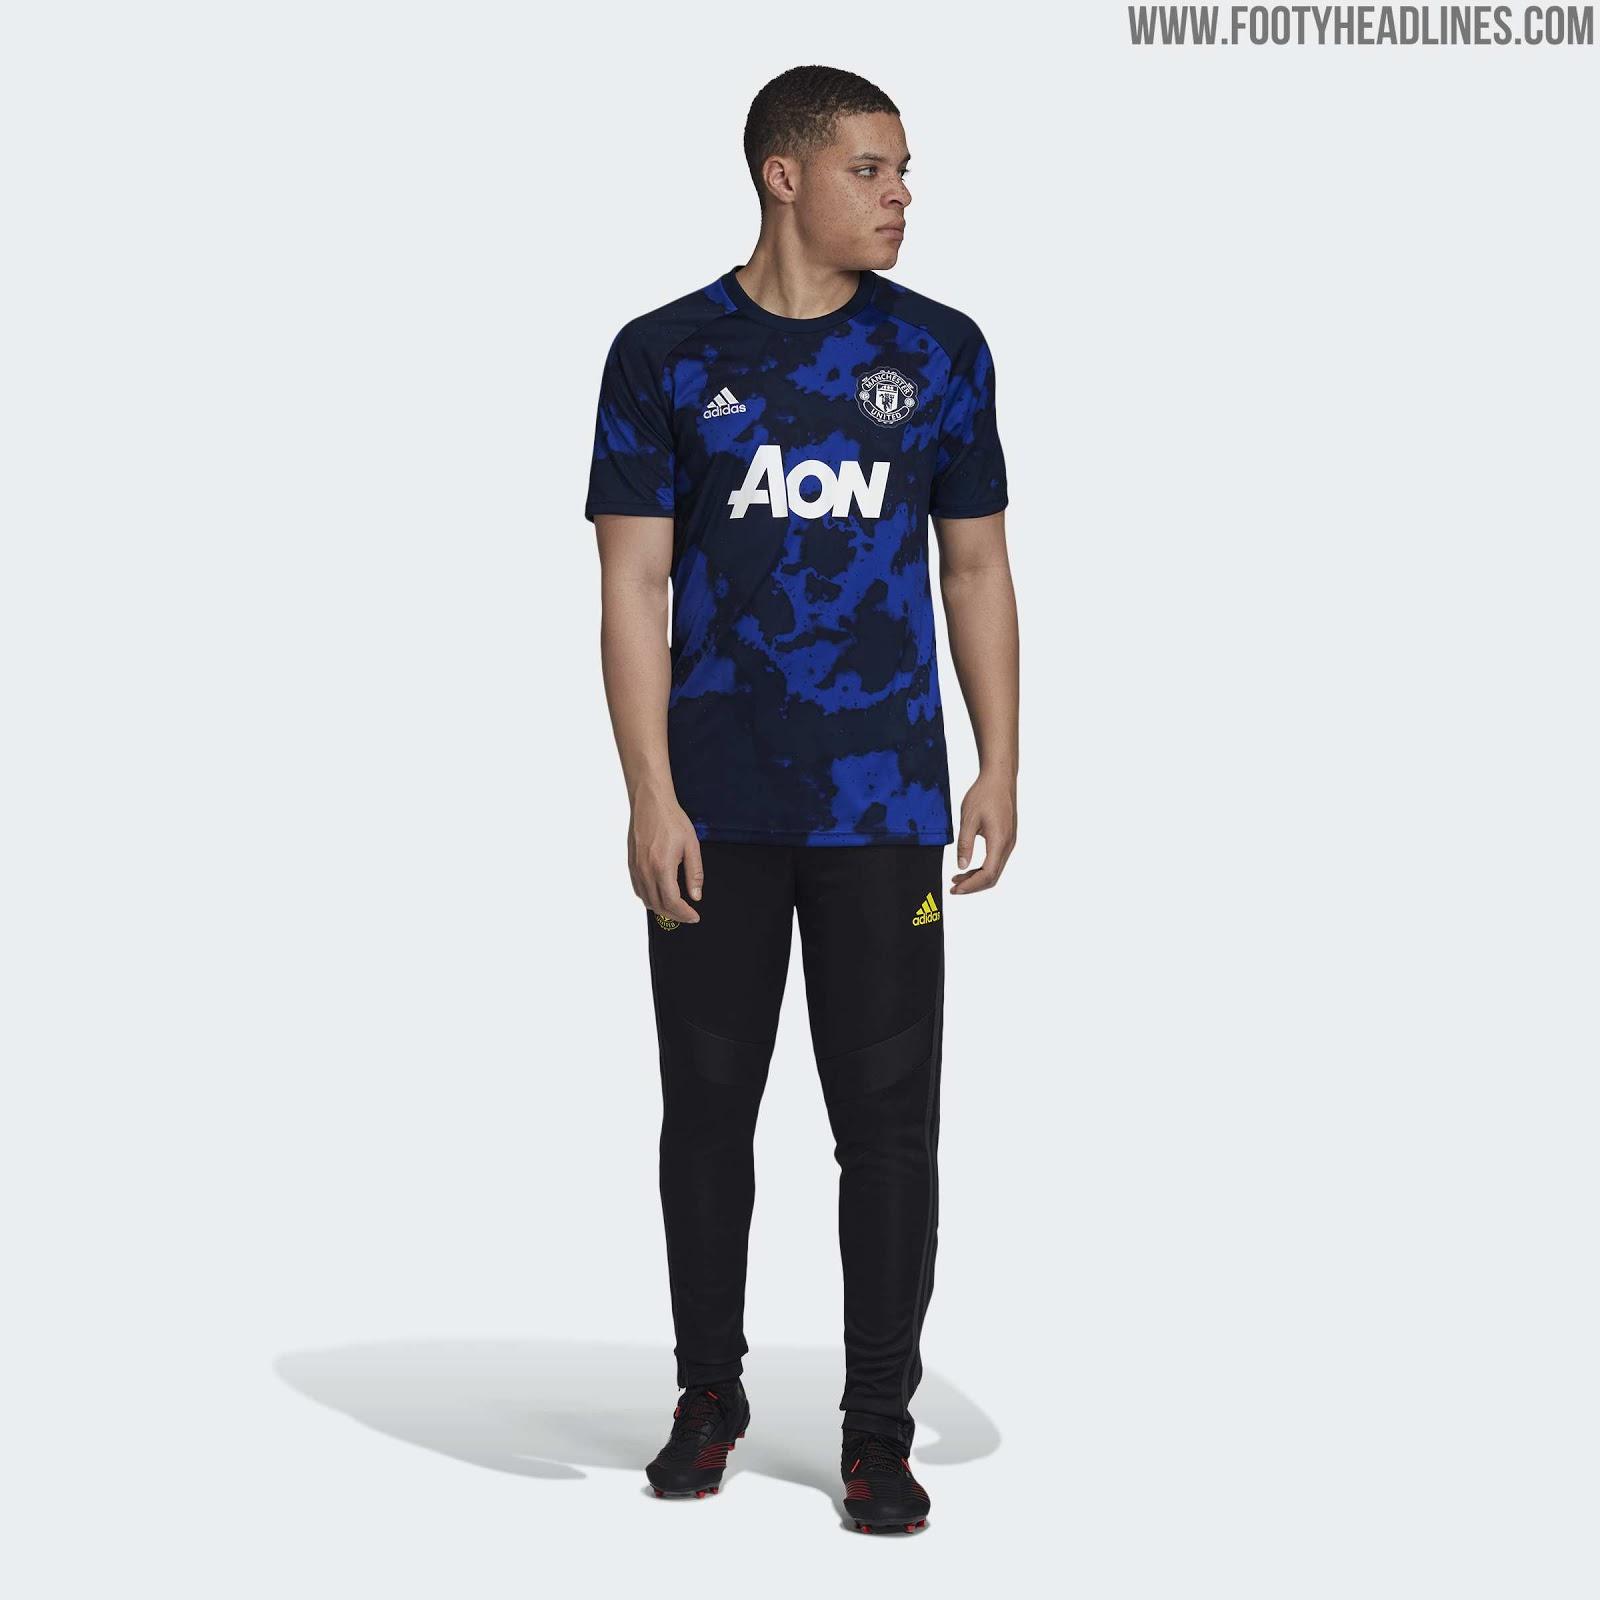 quality design 55277 85a8b Garish: Adidas x Parley Manchester United 19-20 Pre-Match ...